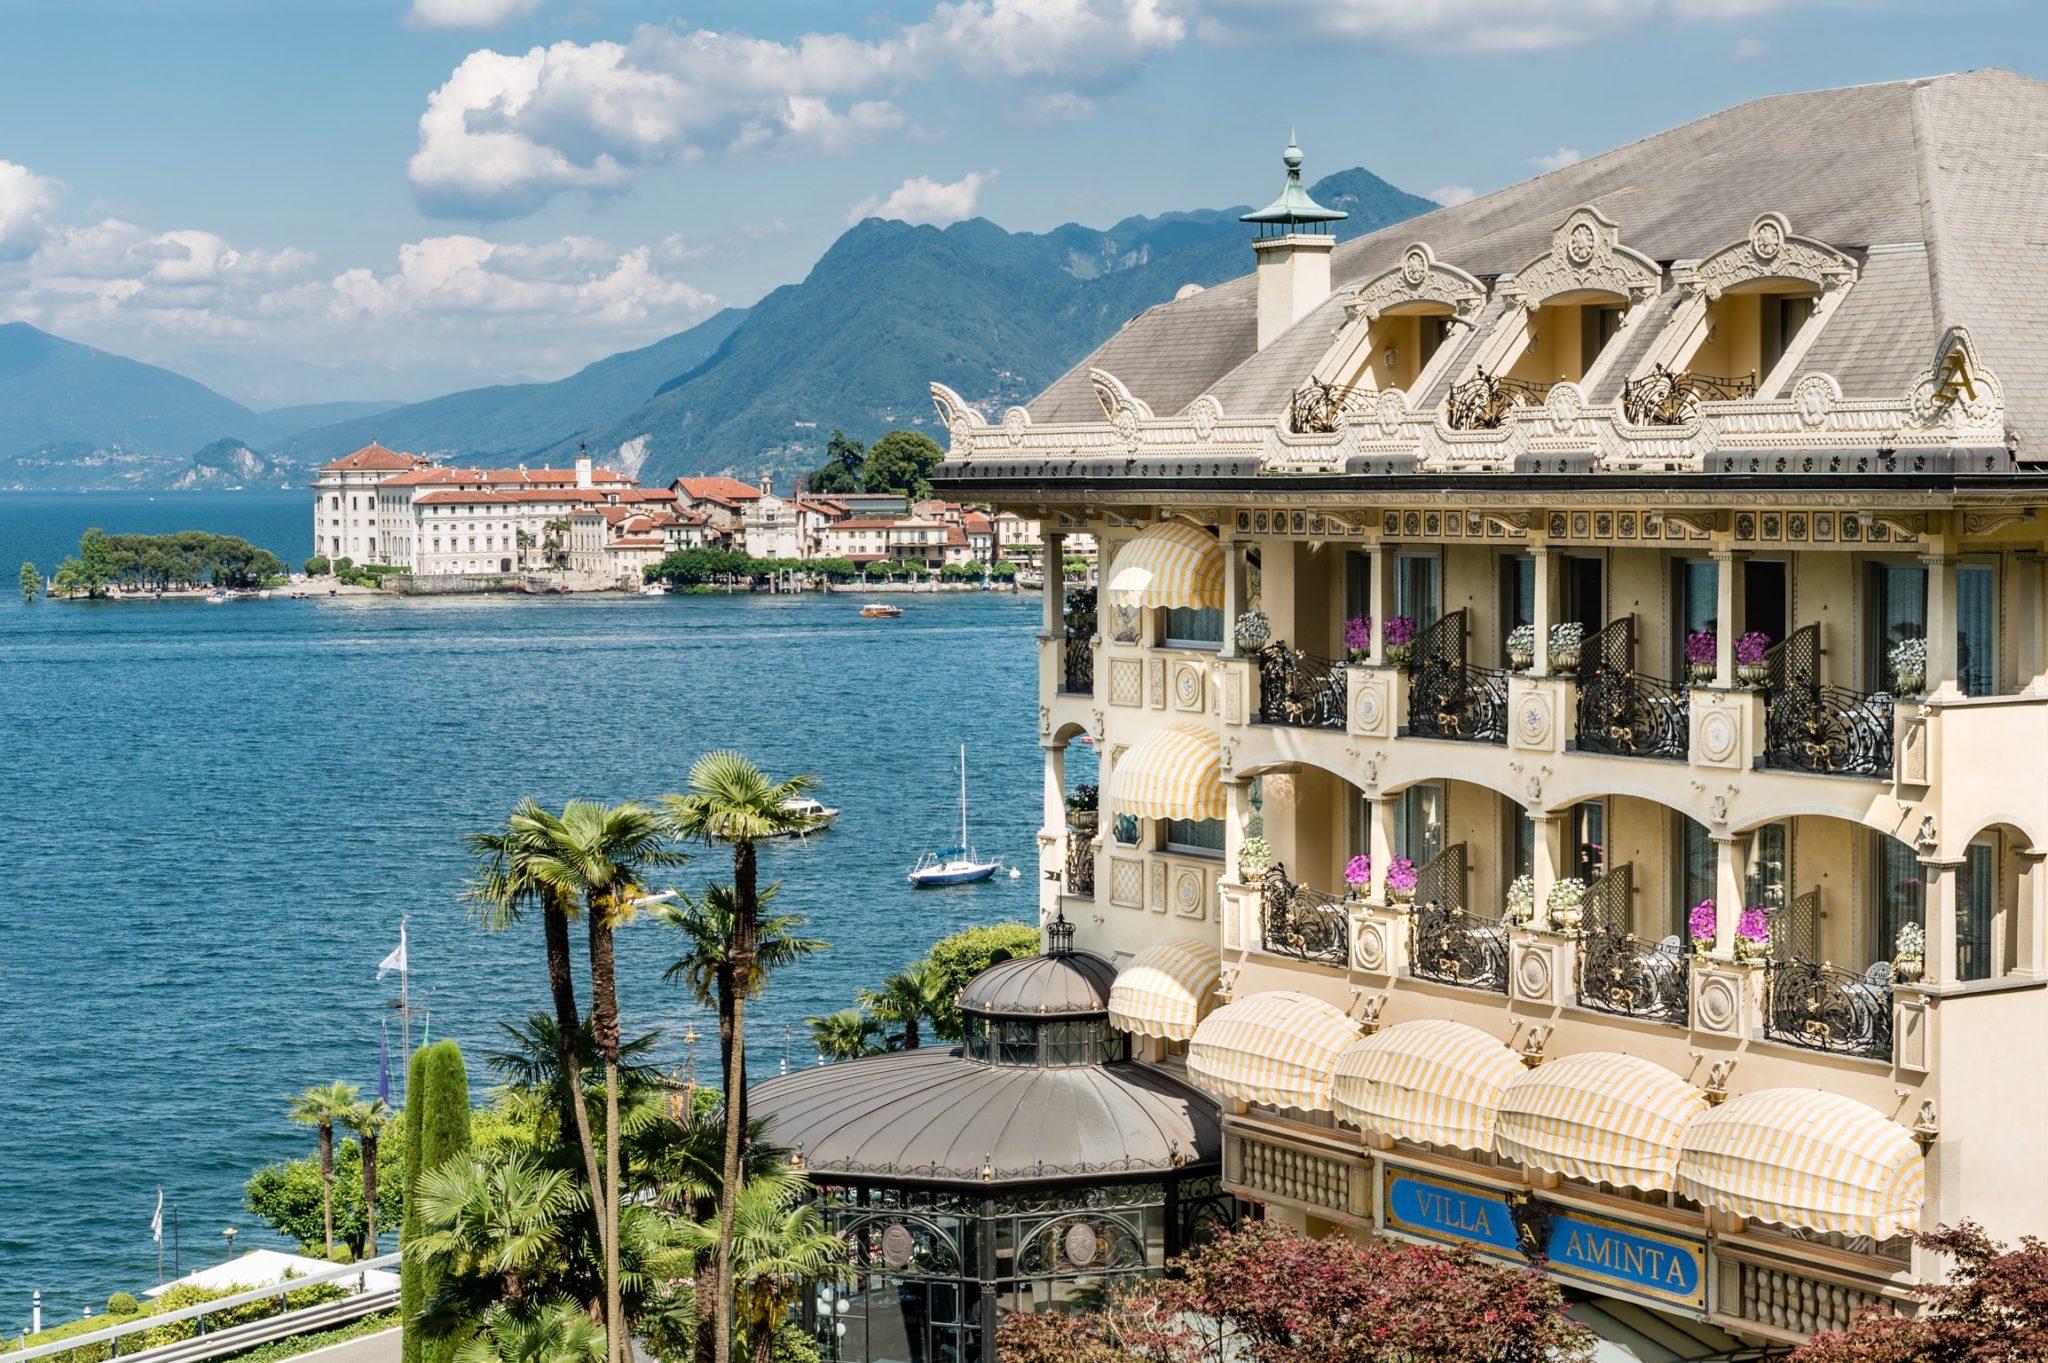 Villa Aminta in Lake Maggiore, Italy